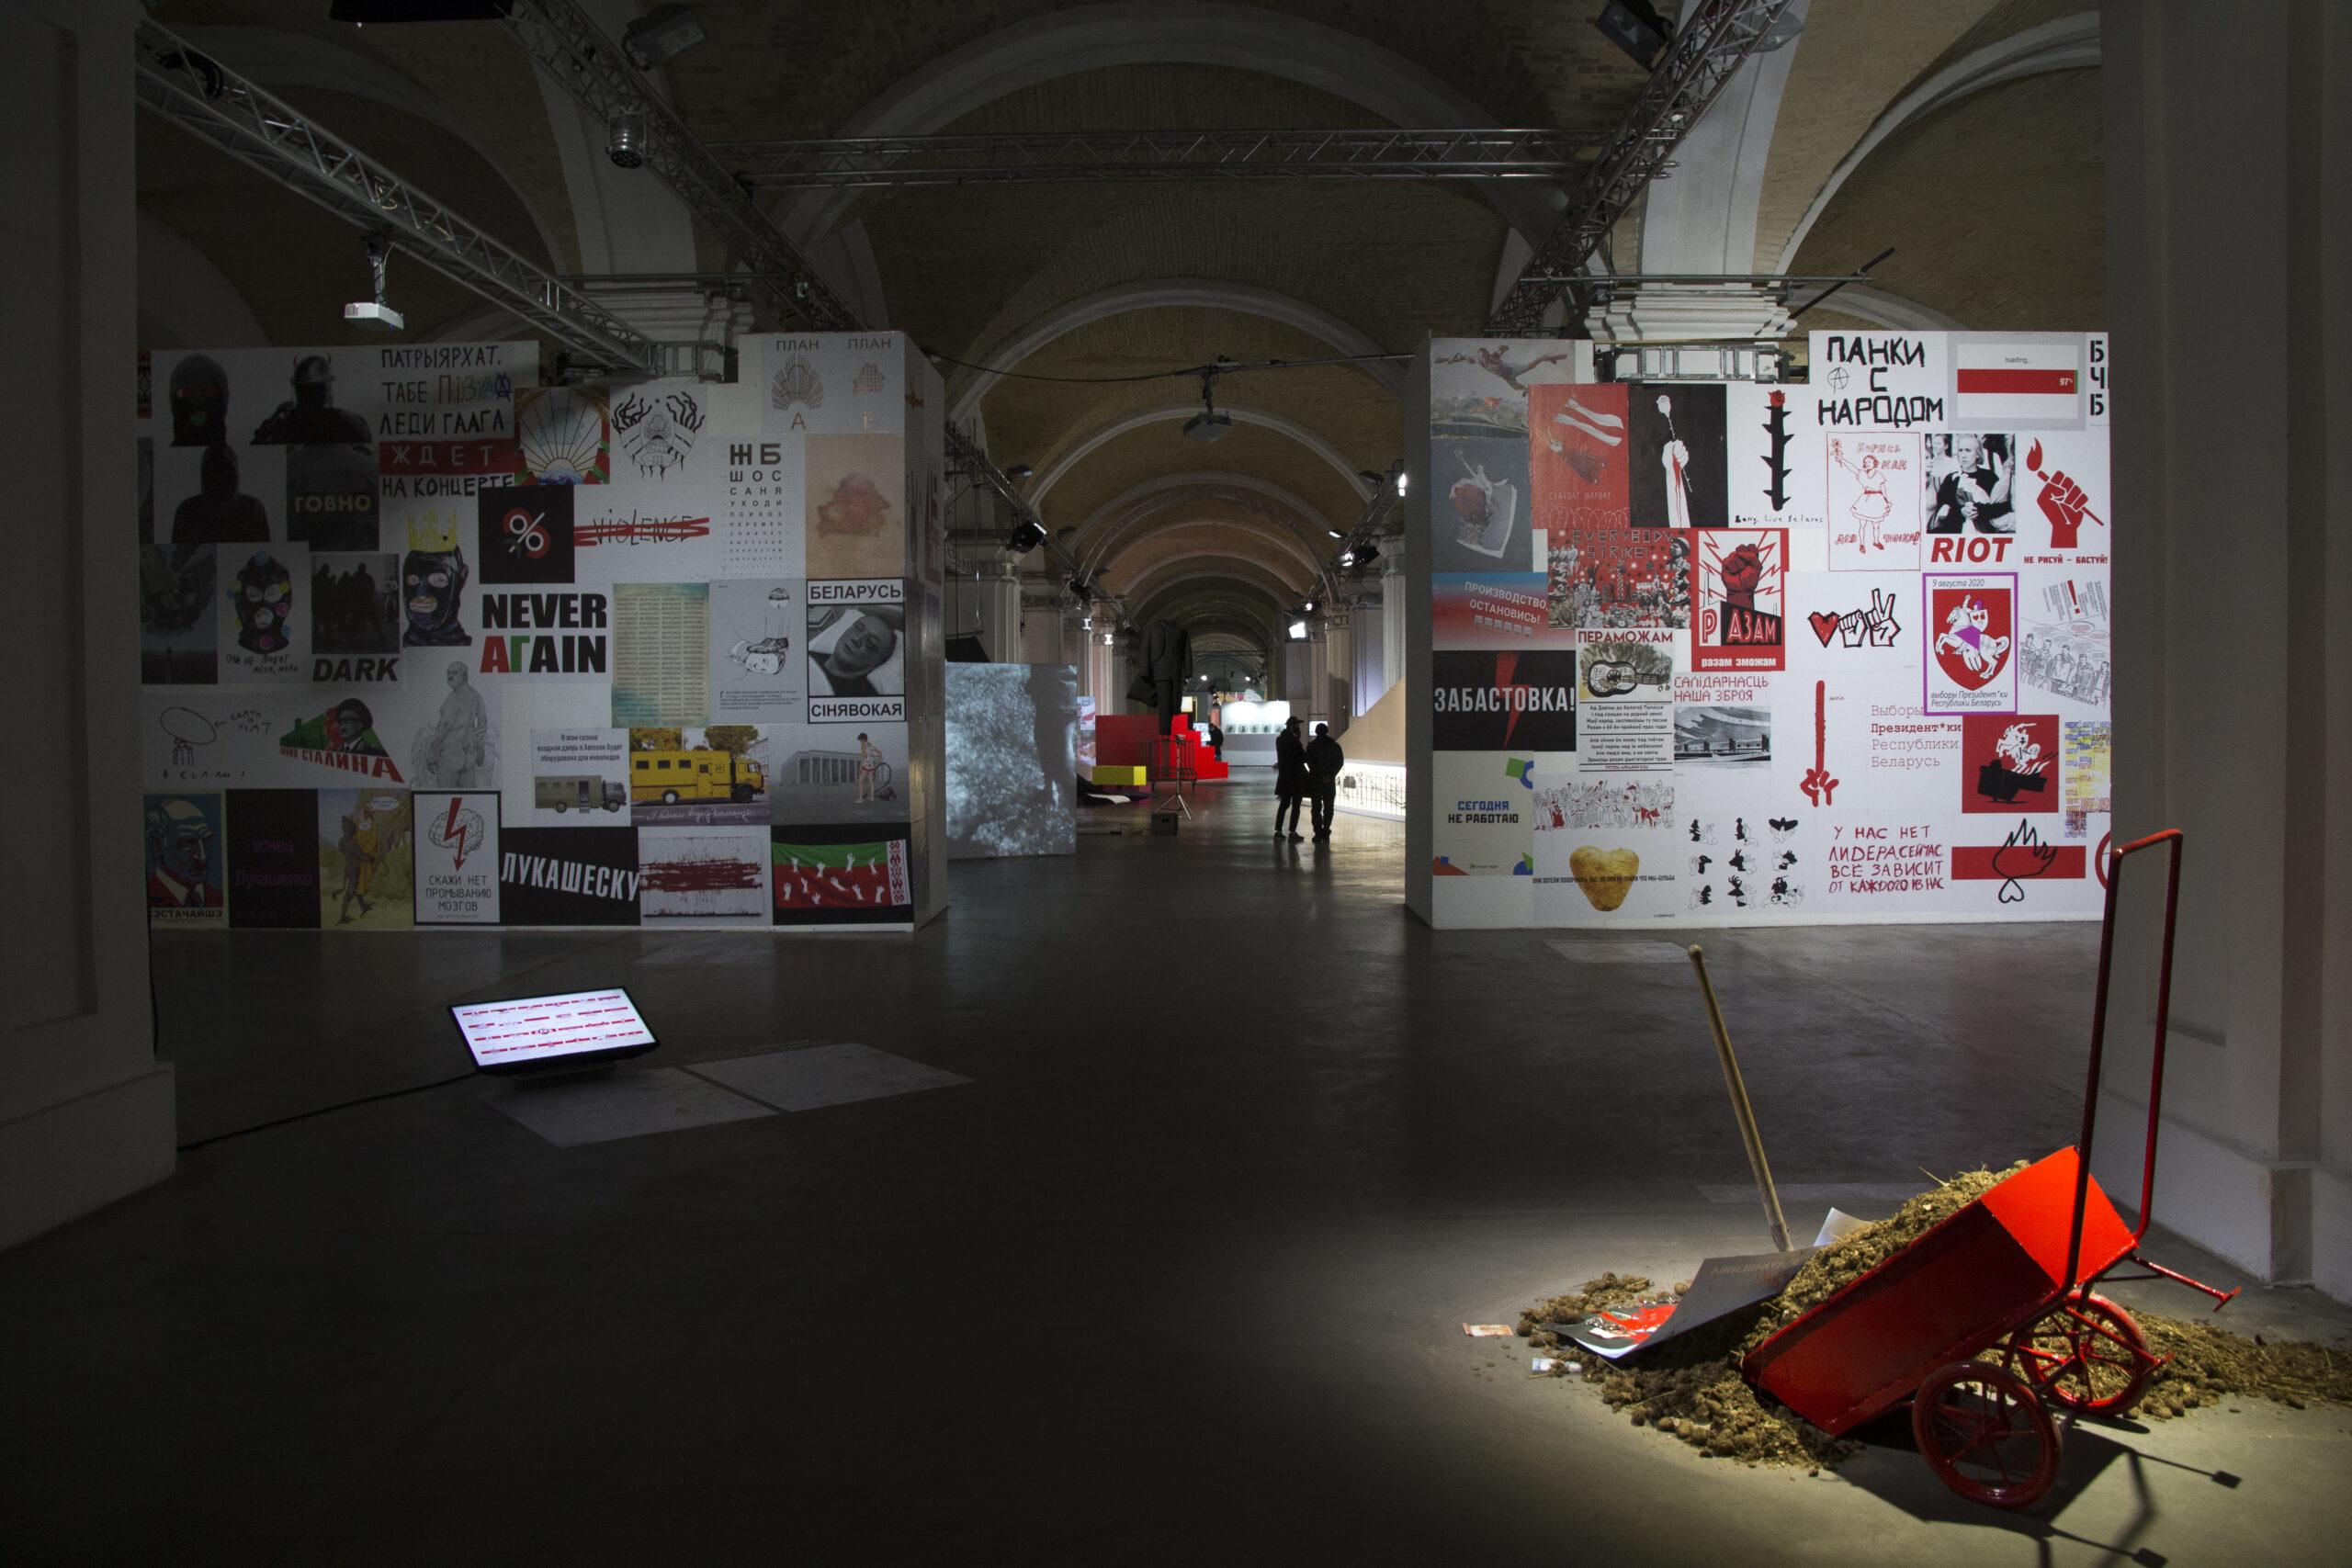 «Кожны дзень», вигляд експозиції. Роботи: Алєсь Пушкін, Cultprotest.me + Antibrainwash.net.